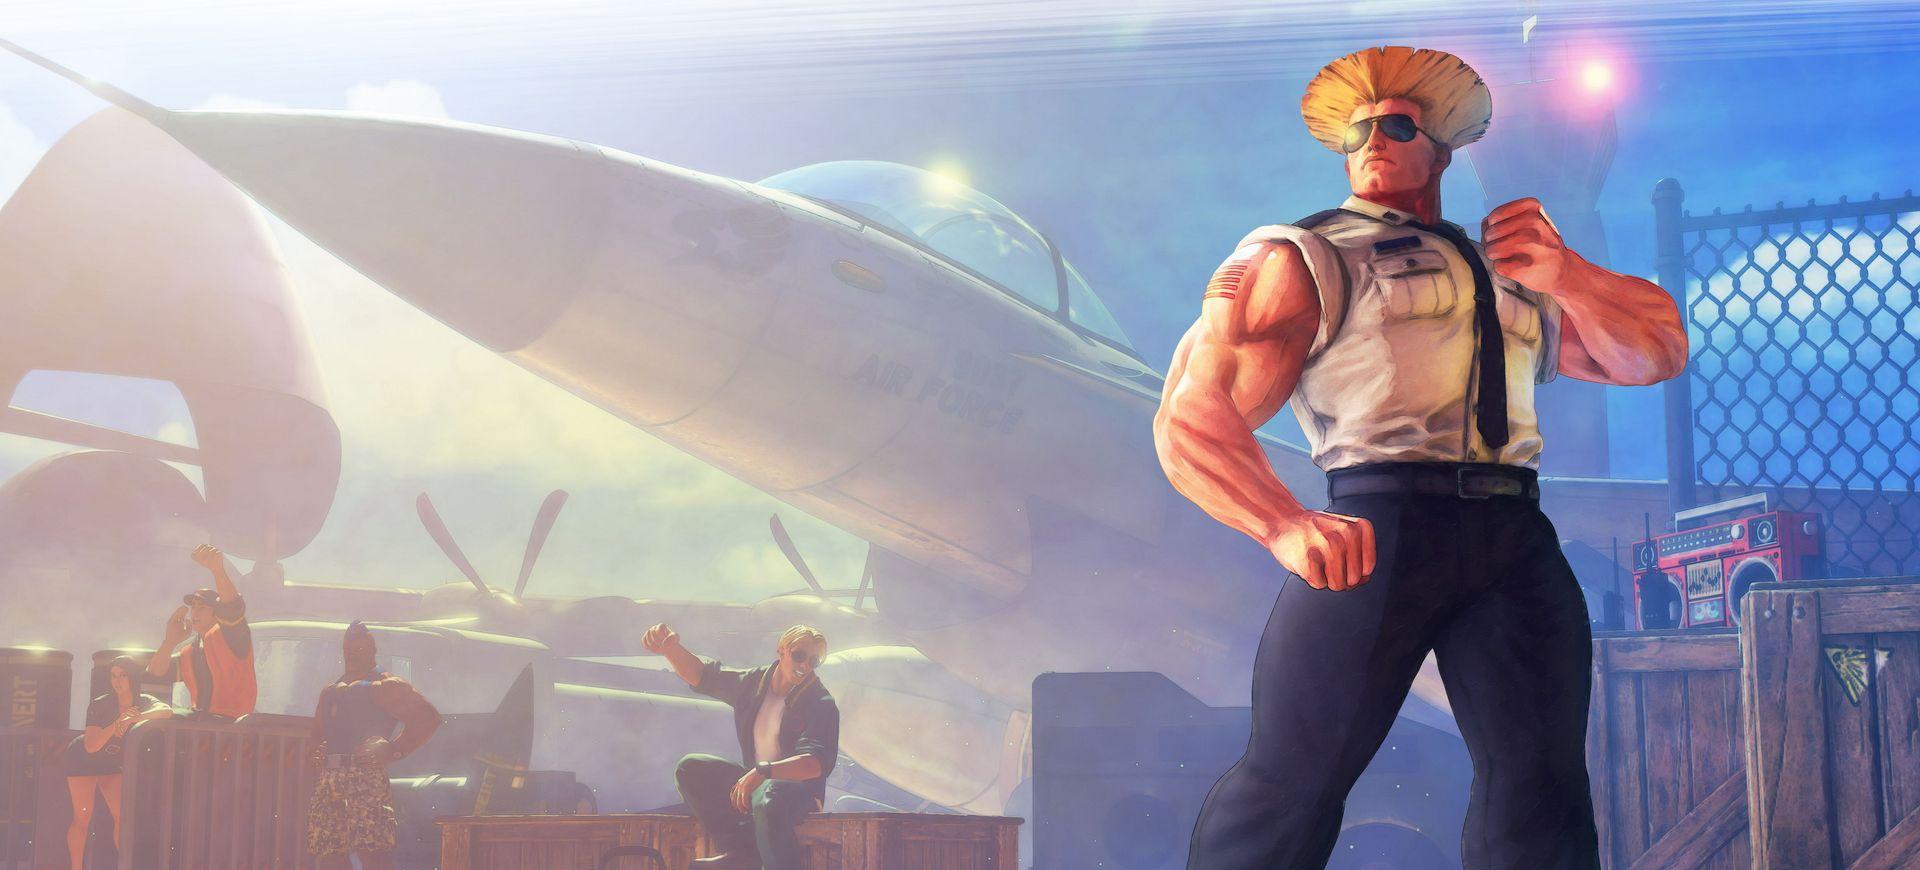 Street Fighter V đưa Guile lên sàn đấu – Tin Game